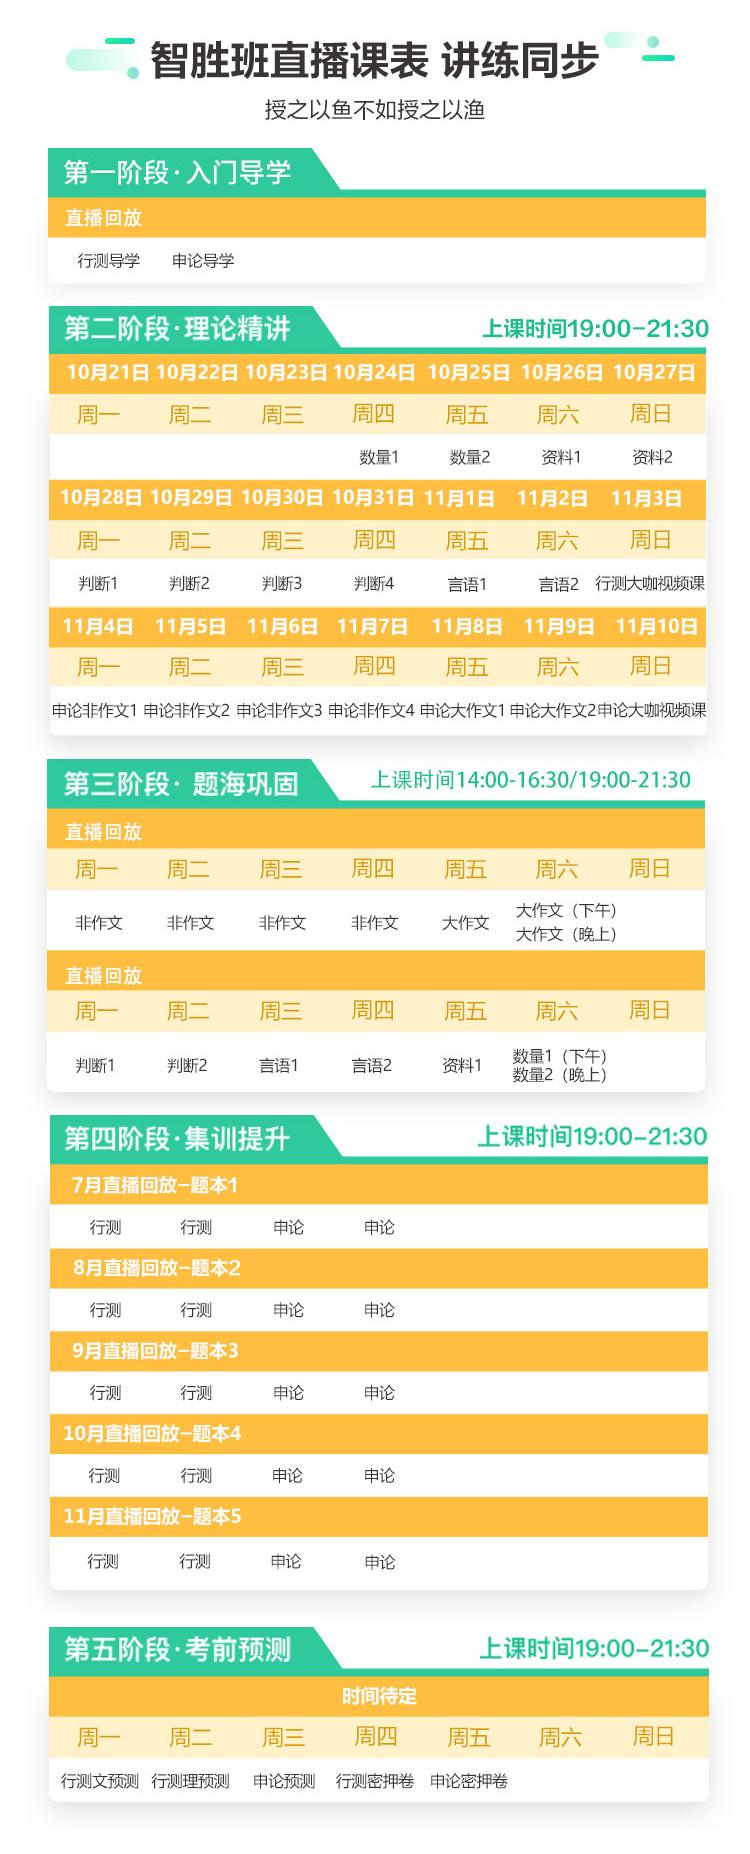 国考智胜班课详页-网校位置(1)_02.png